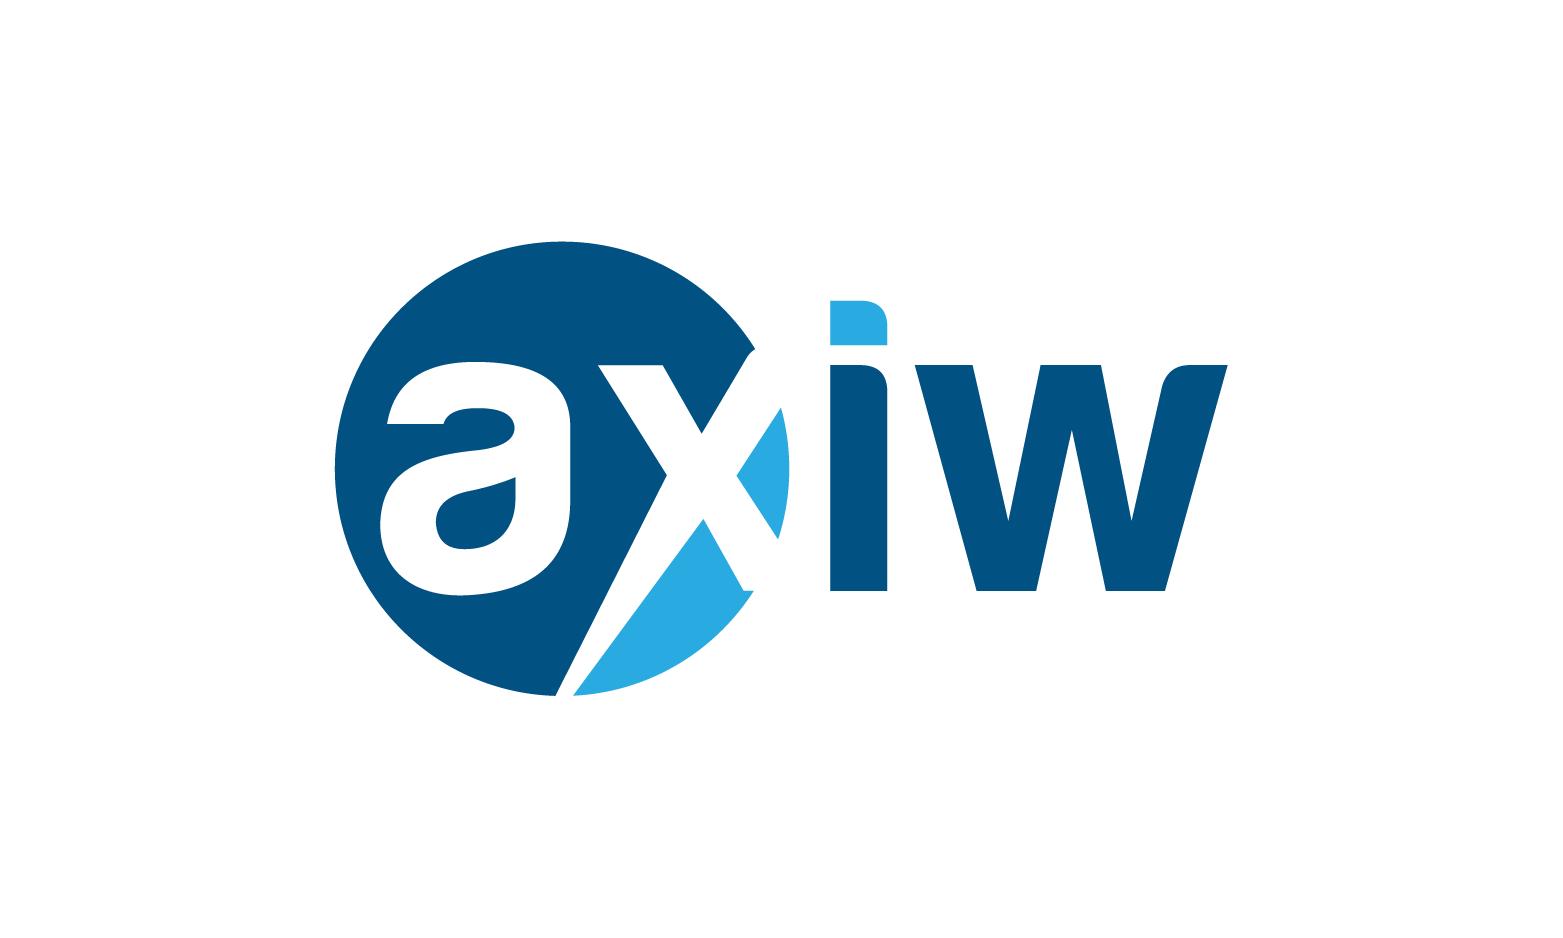 Axiw.com